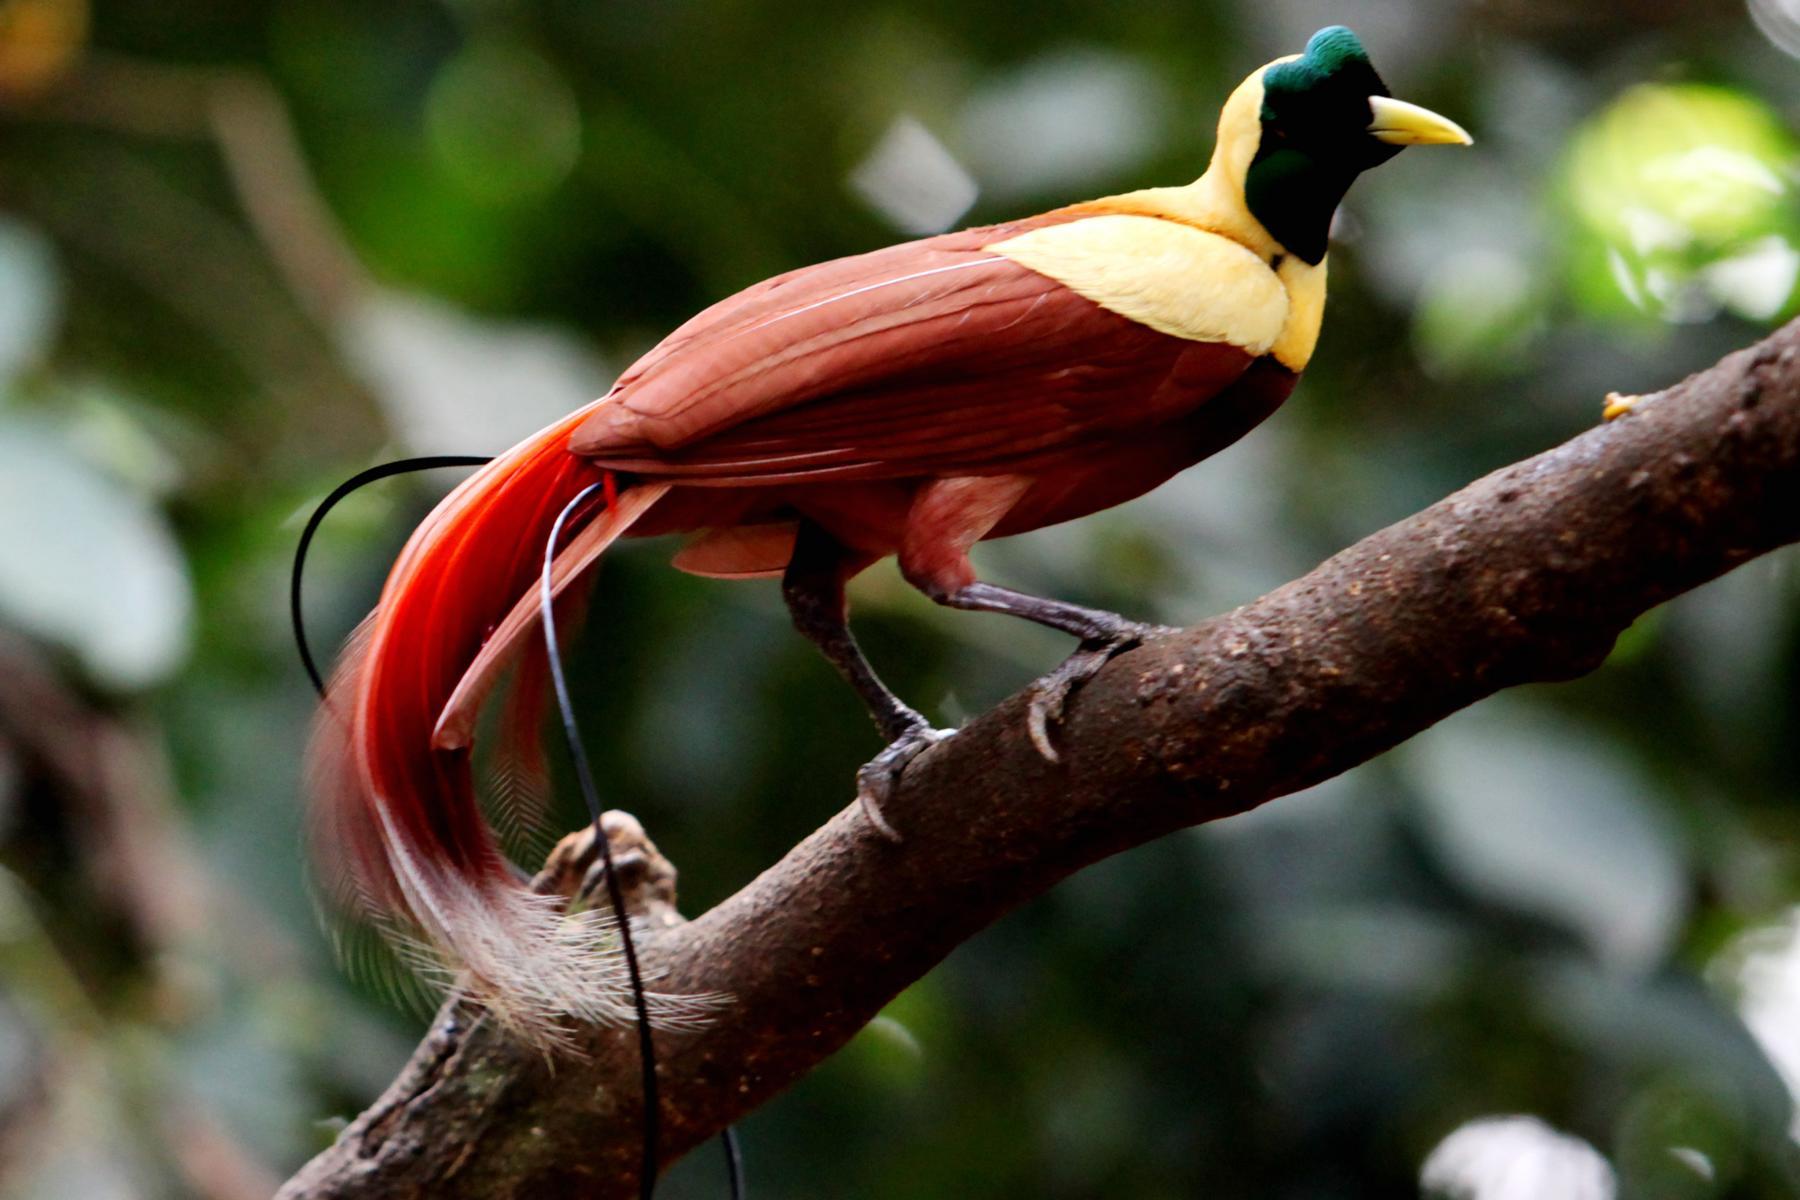 Farbenfroher Vogel in Indonesien auf einer Kreuzfahrt mit der Aqua Blu